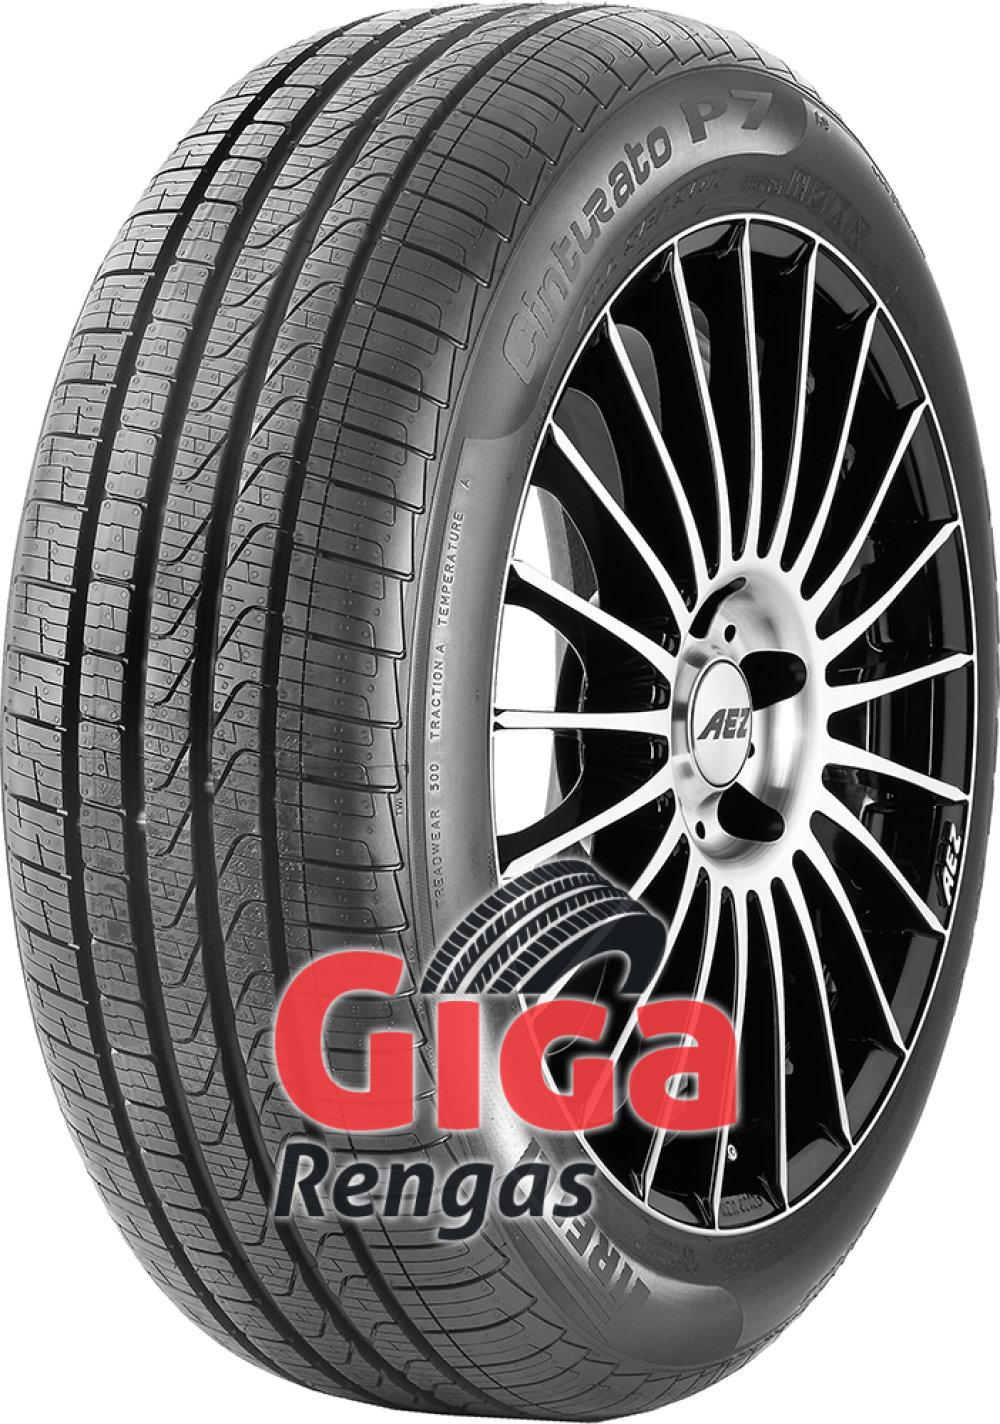 Pirelli Cinturato P7 A/S ( 225/45 R17 94V XL AO, ECOIMPACT )